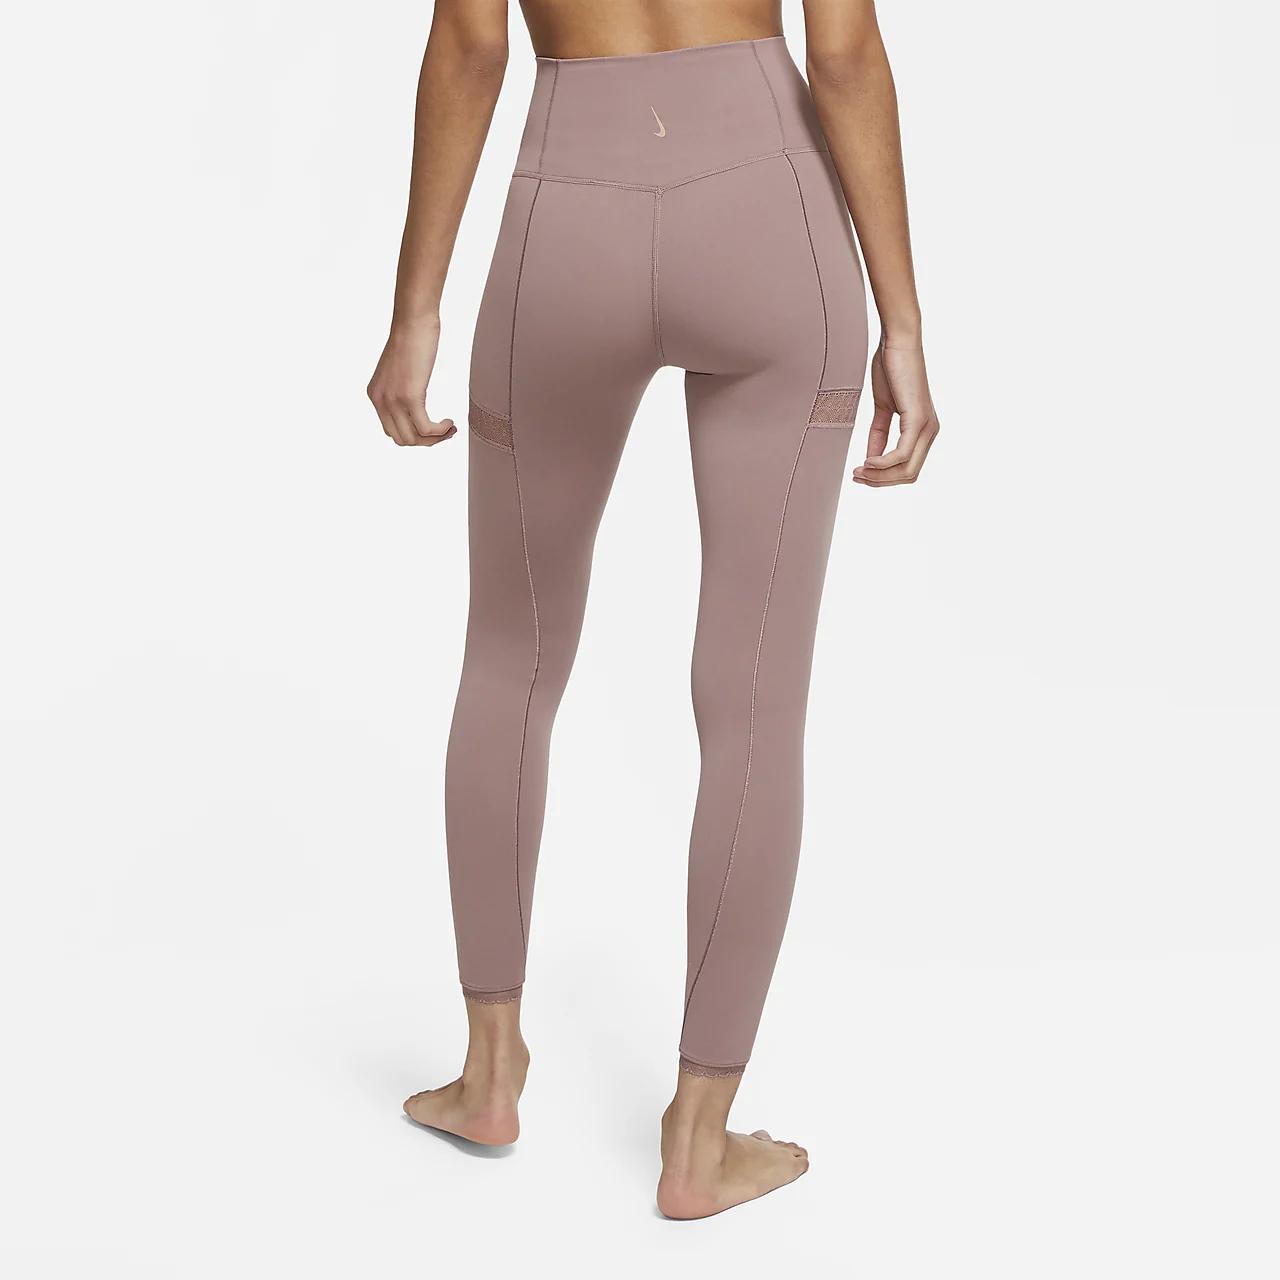 Nike Yoga Women's 7/8 Tights CU6306-298